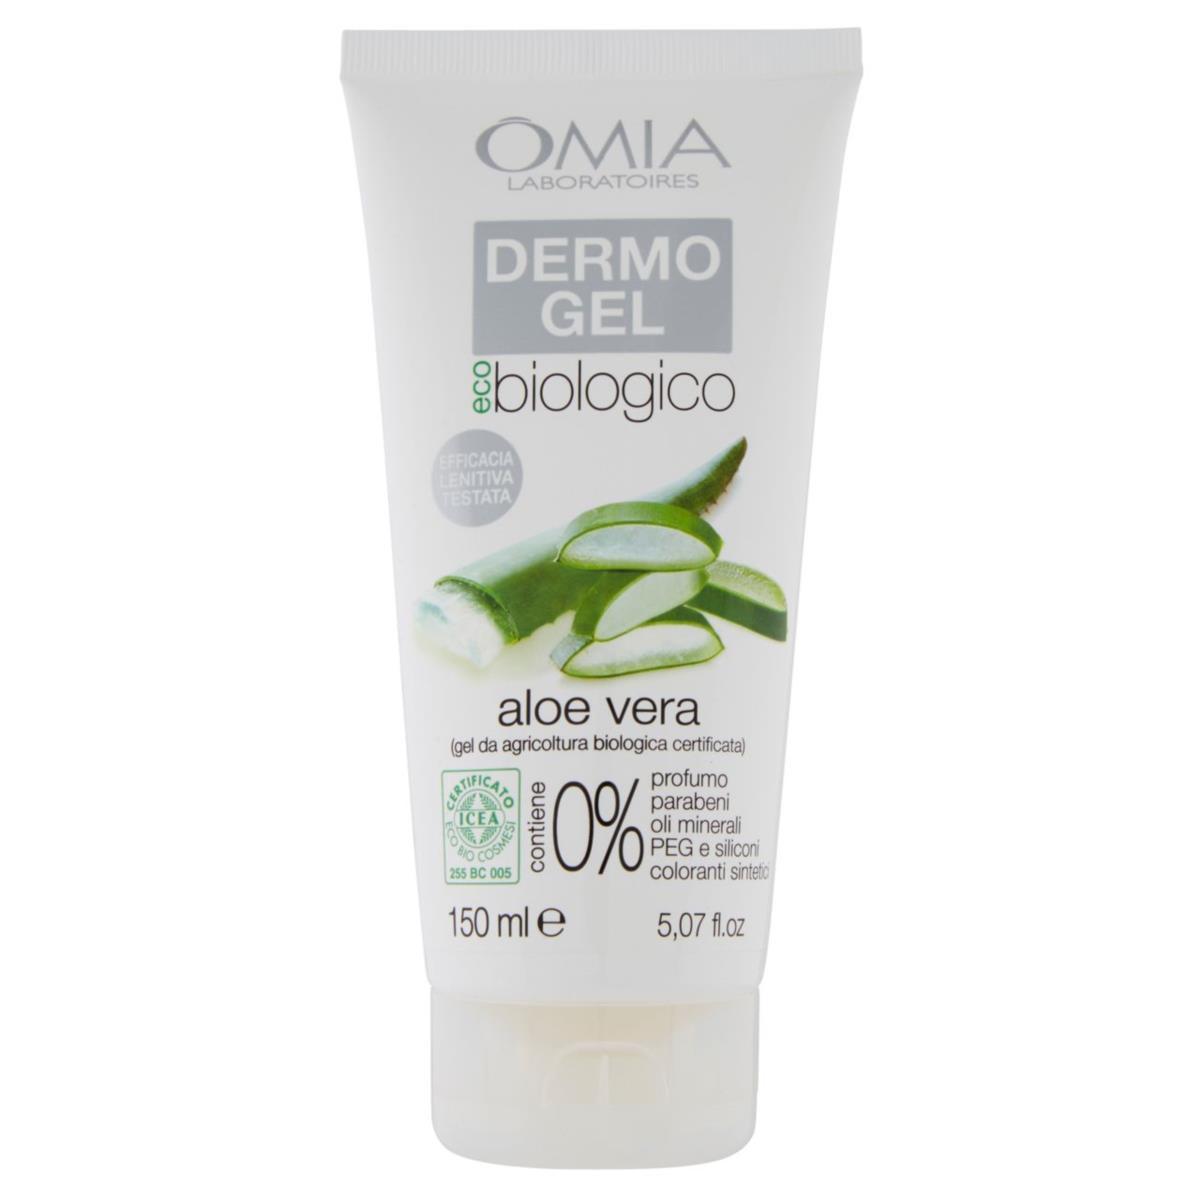 Omia Dermo Gel Eco Biologico Aloe Vera 150 ml